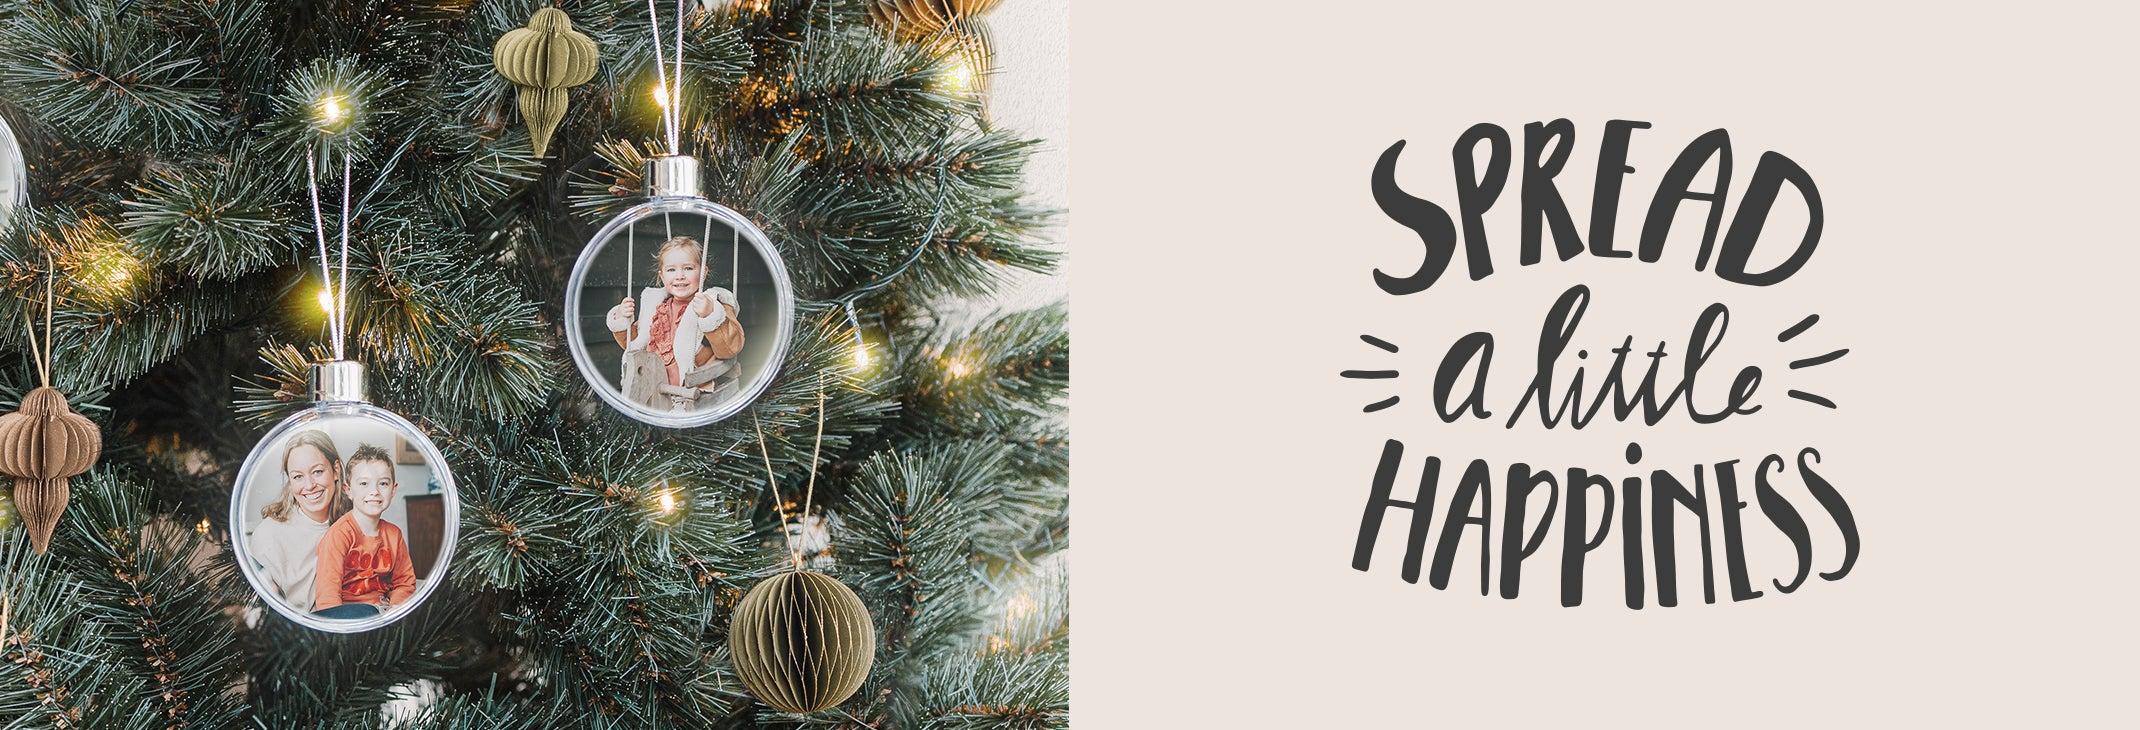 kerstboom positieve momenten